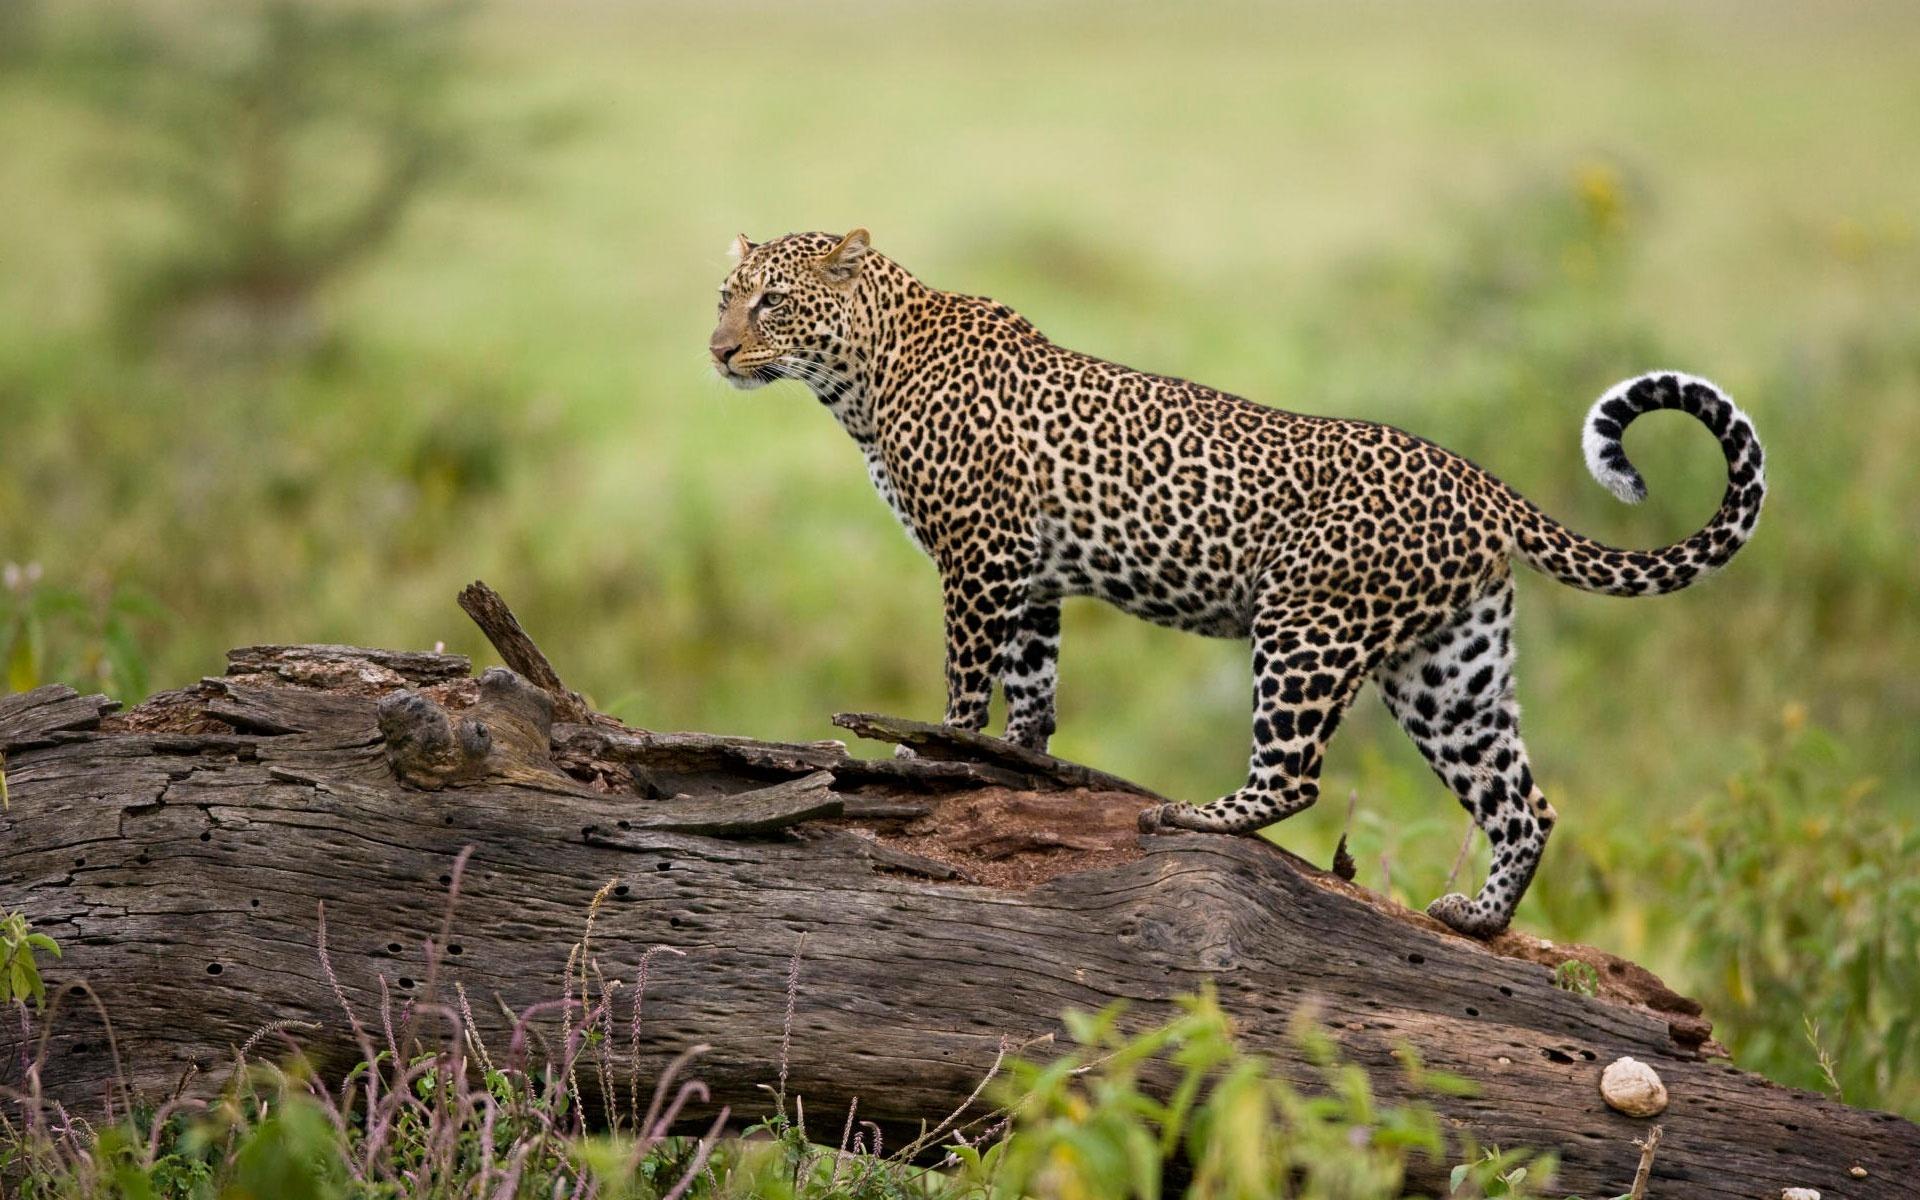 b94422a44409 Череп у дымчатого леопарда удлиненный, что отличает его от остальных кошек.  Клыки у него больше, чем у остальных кошек в пропорции к размерам тела.